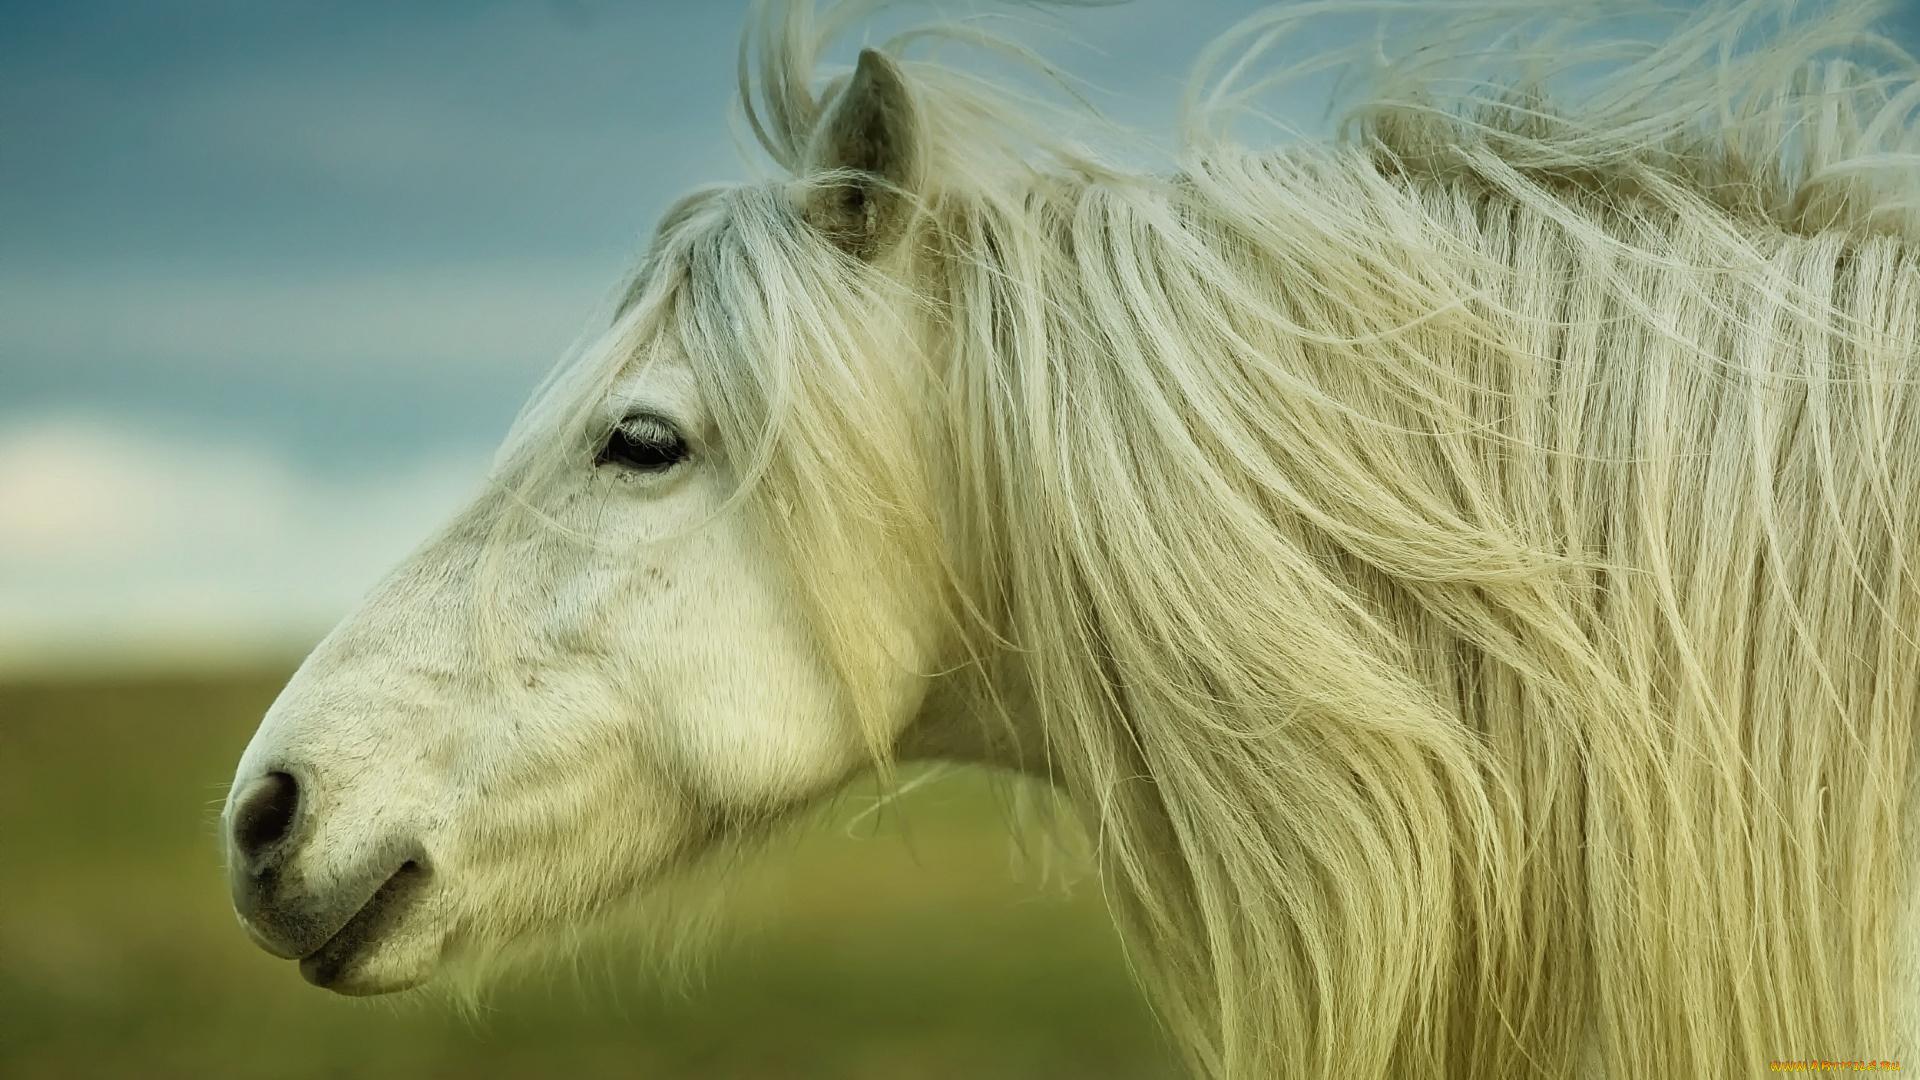 лошадь с гривой  № 3127227 бесплатно